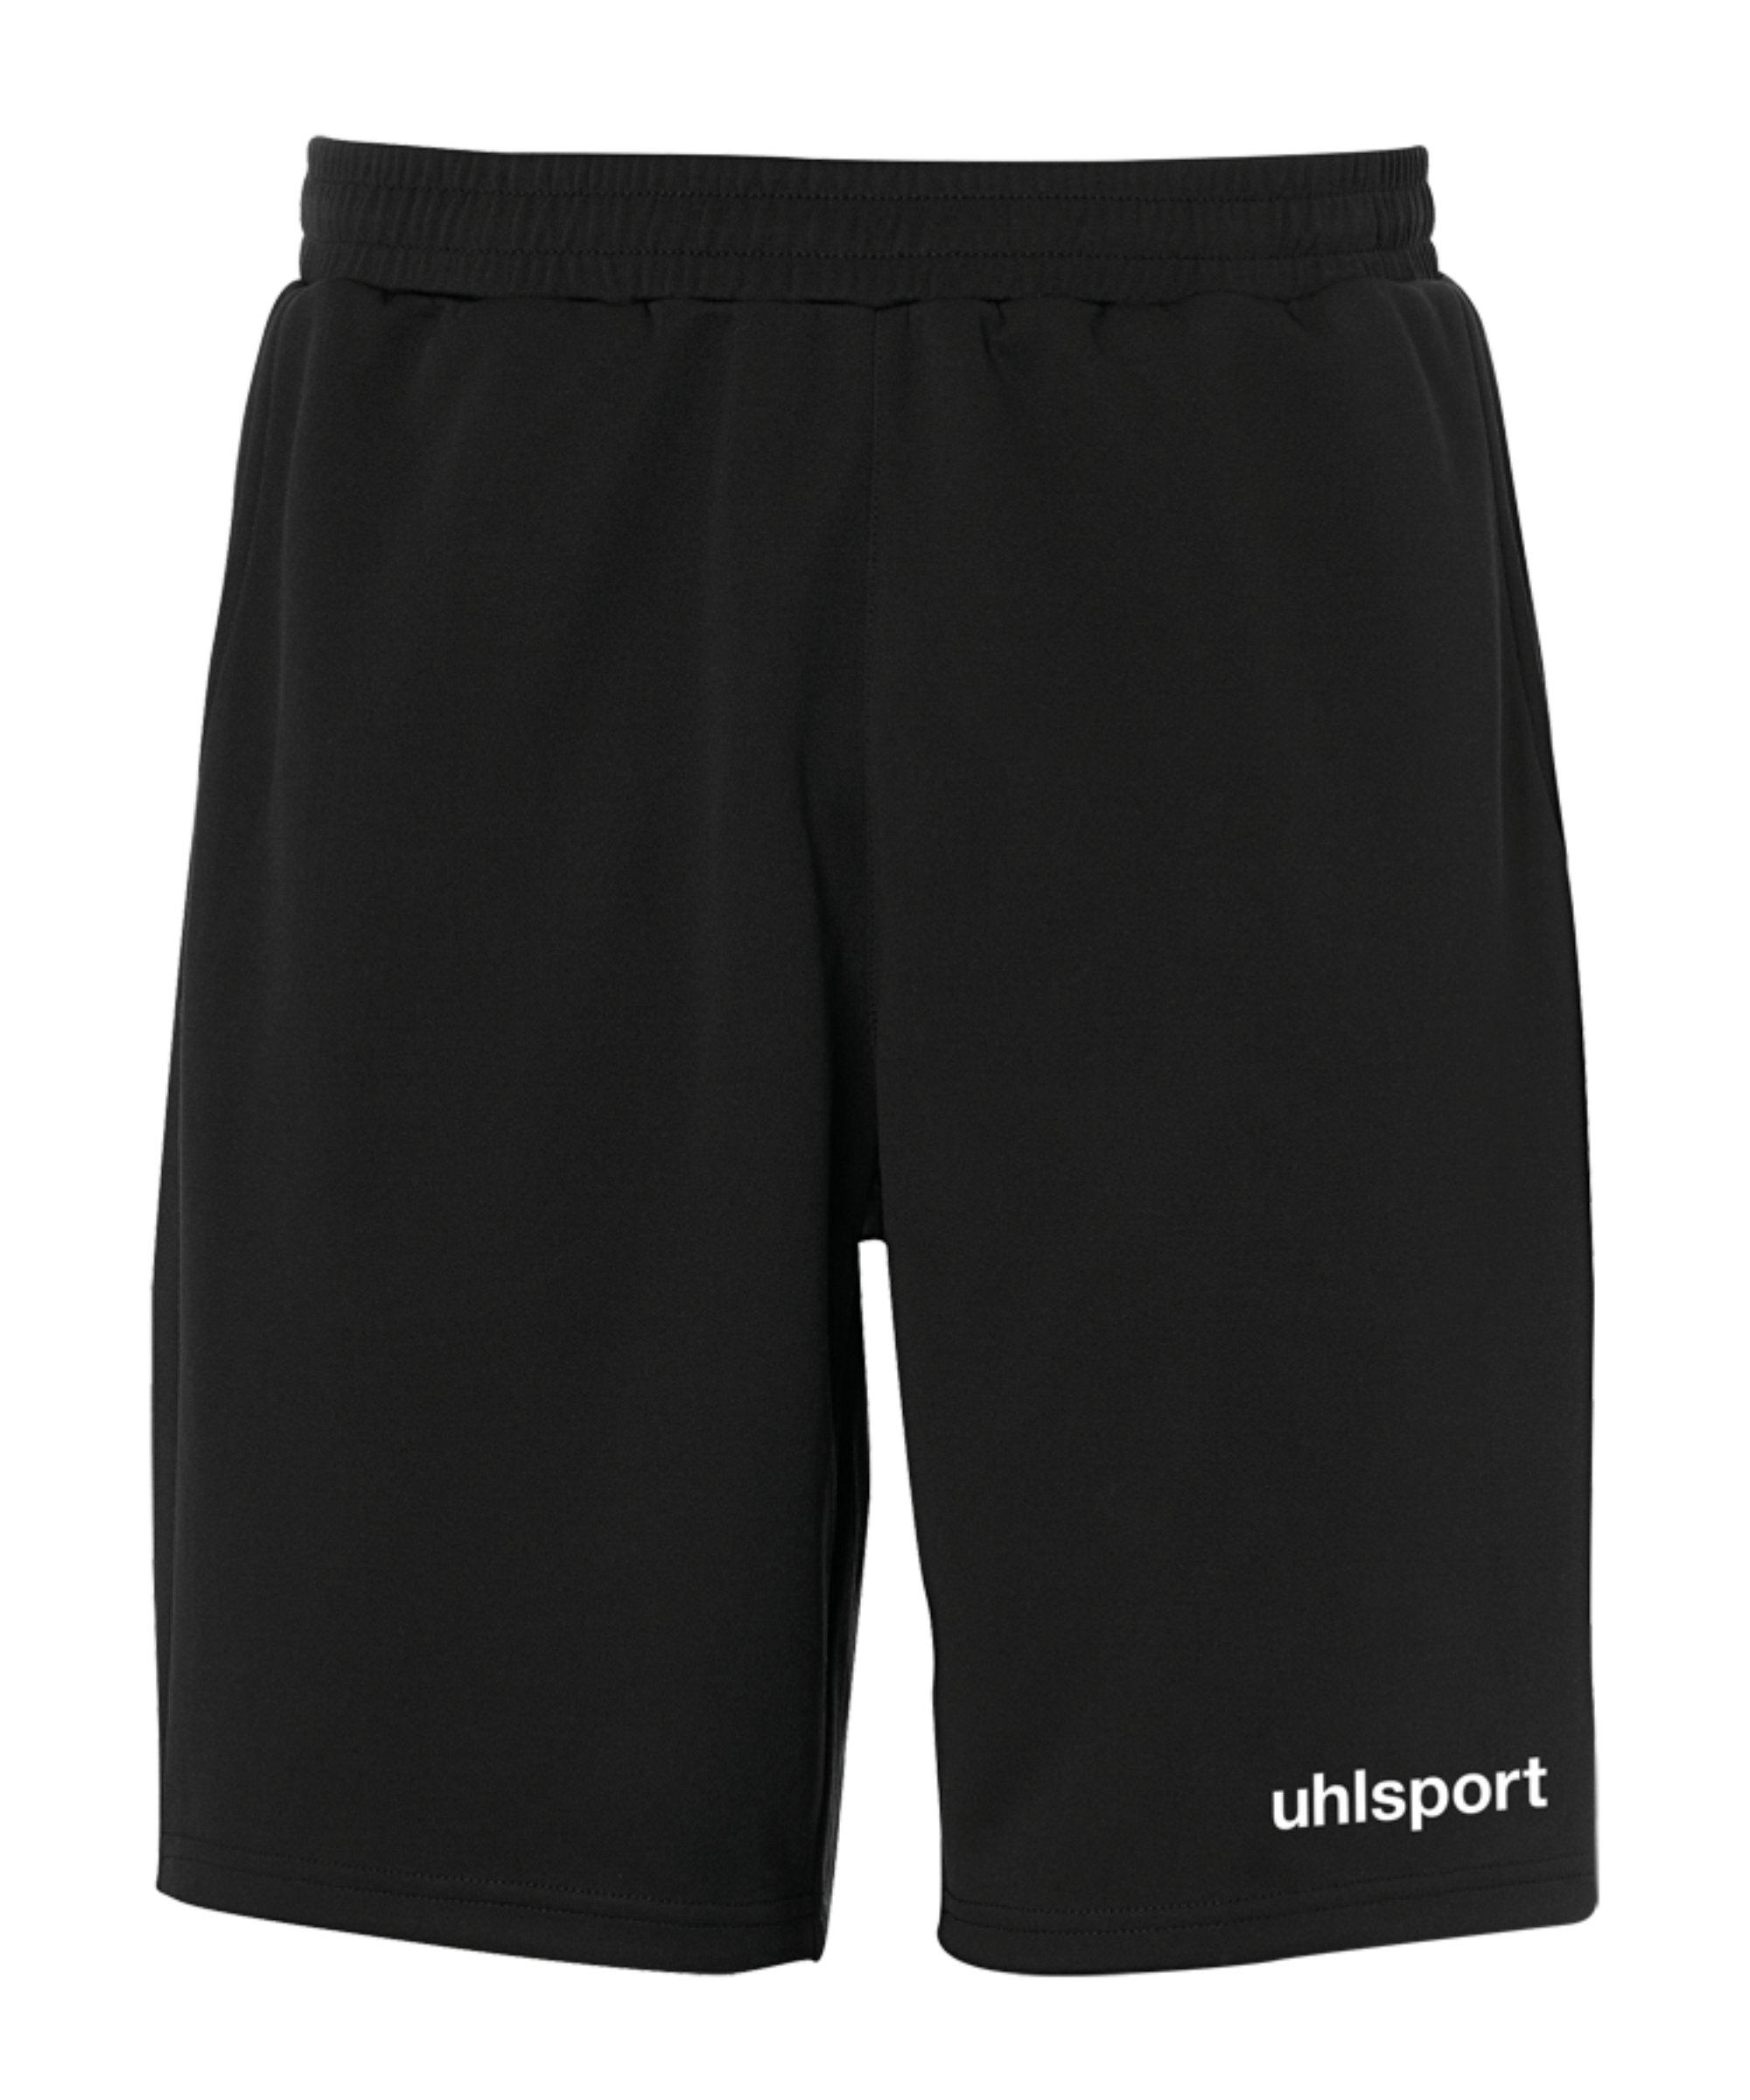 Uhlsport Essential PES-Short Hose kurz F01 - schwarz